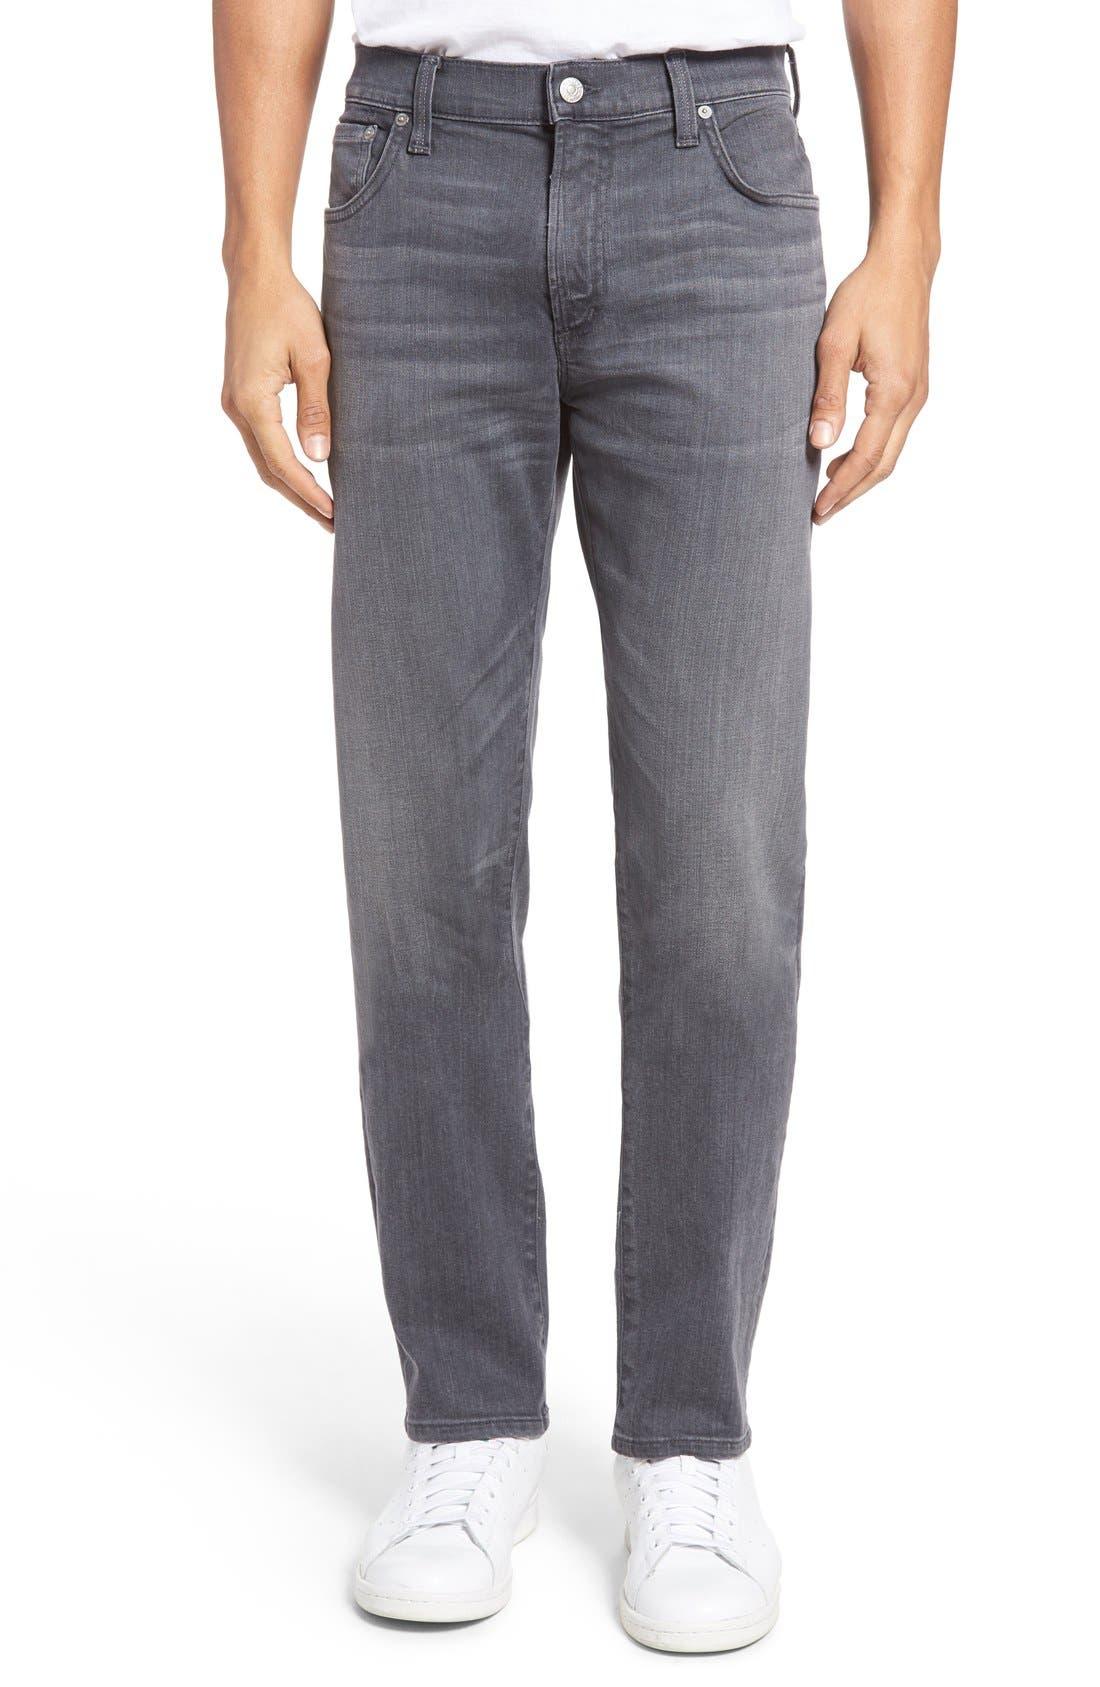 Core Slim Fit Jeans,                             Main thumbnail 1, color,                             400